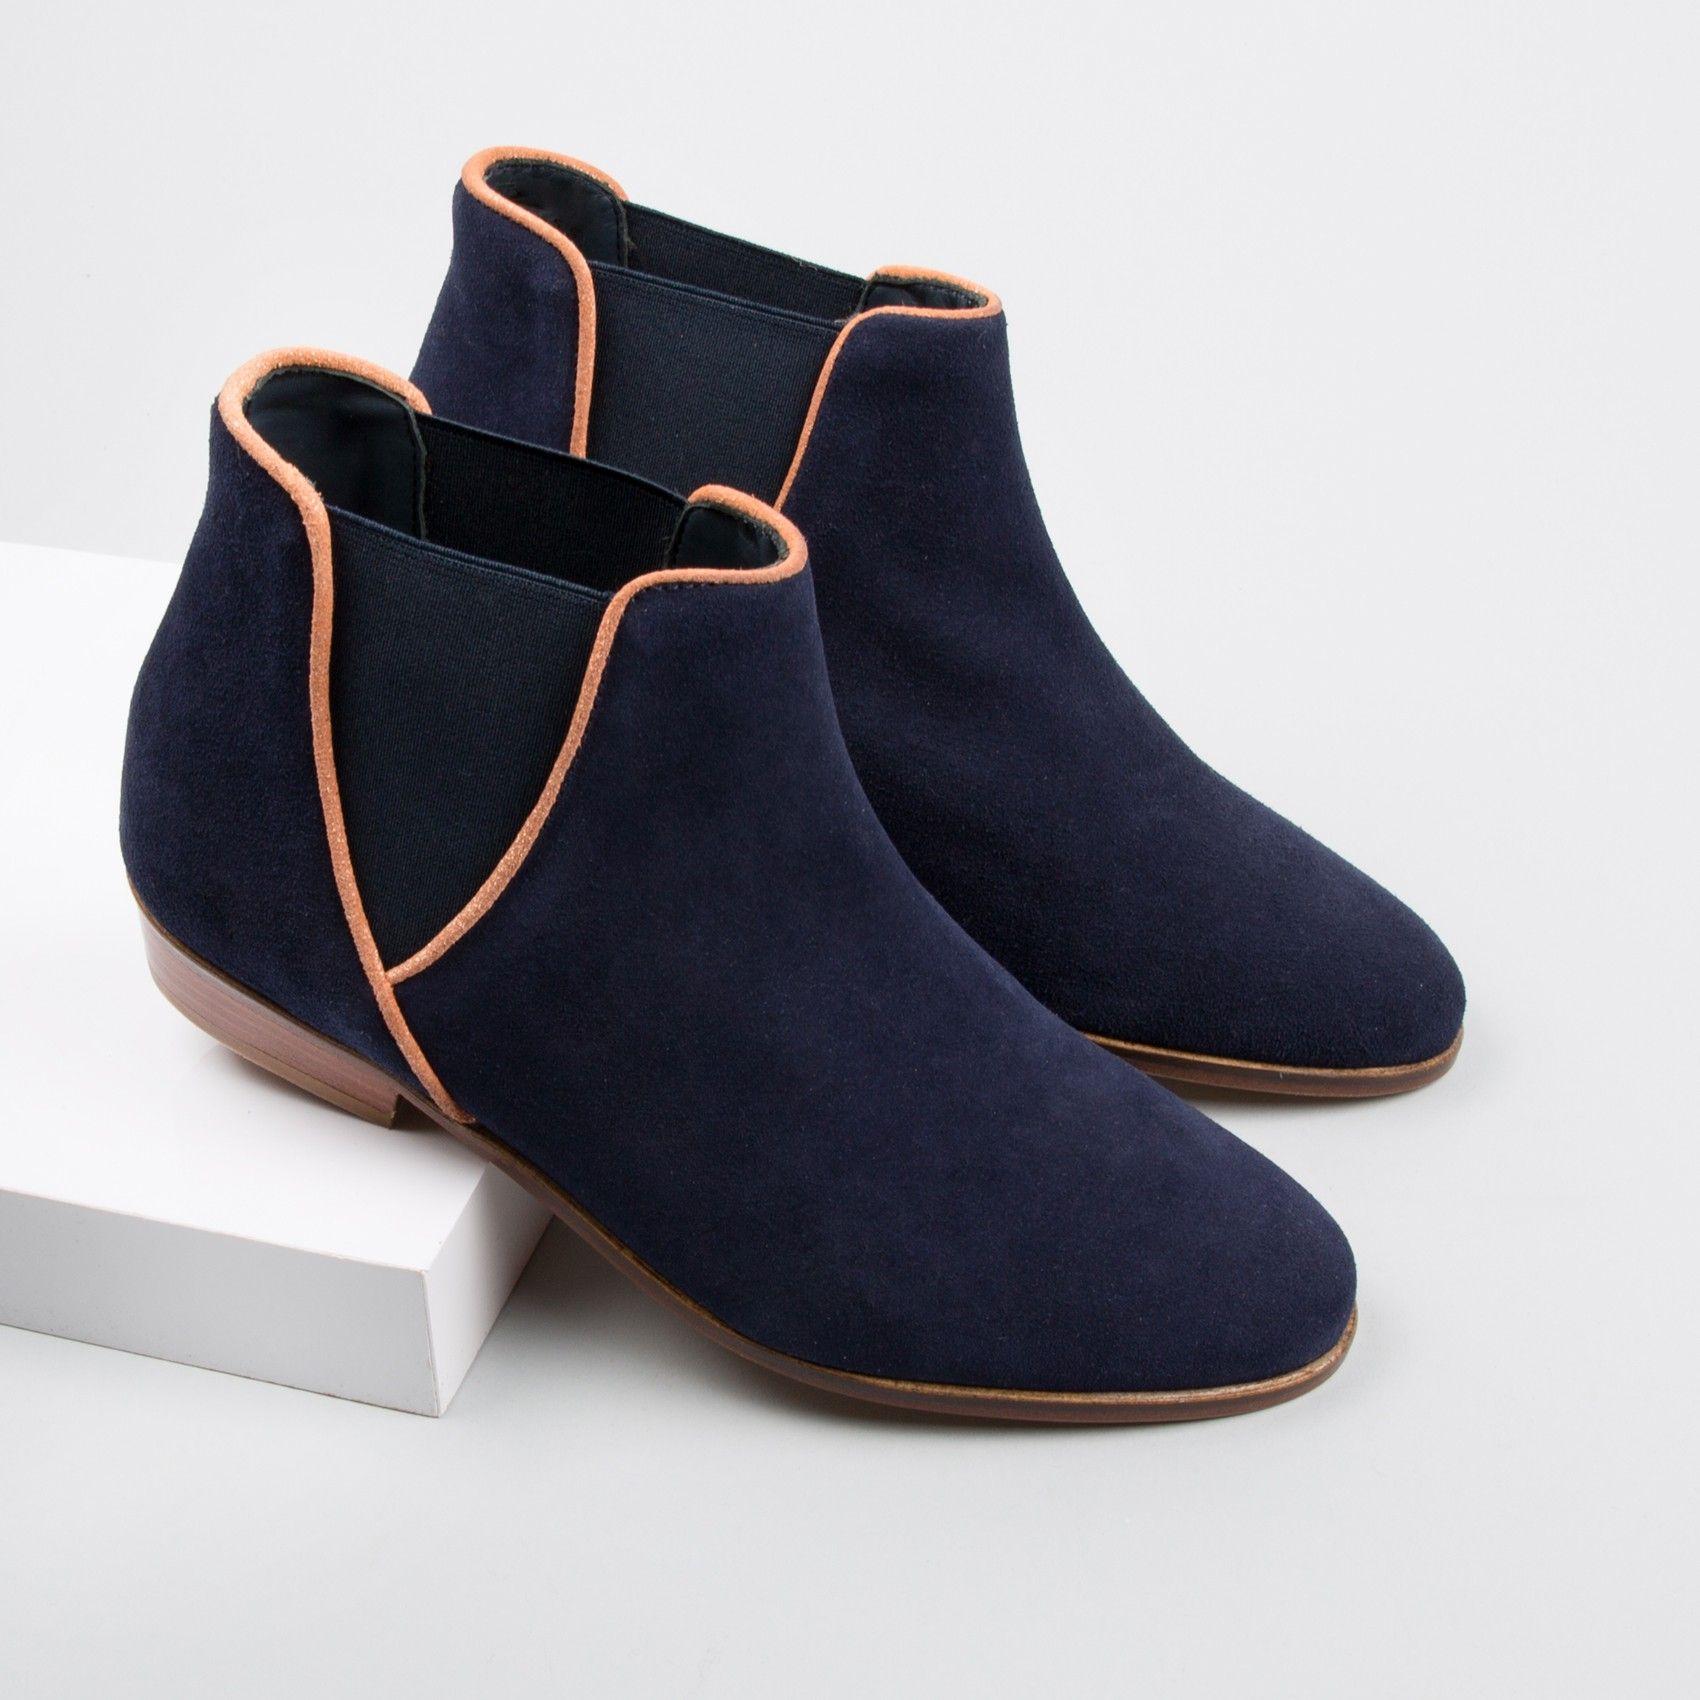 chelsea boots bleu marine - la londonienne - bobbies | *shoe*shoe